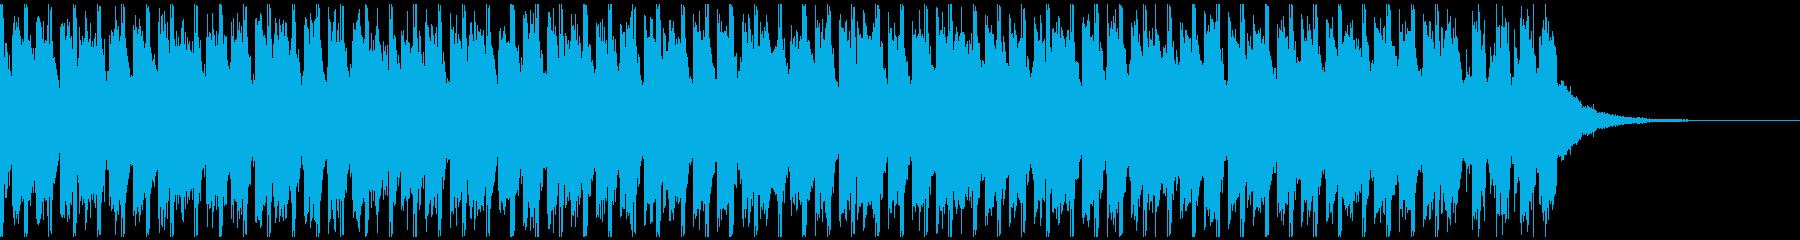 サマーポップ(30秒)の再生済みの波形